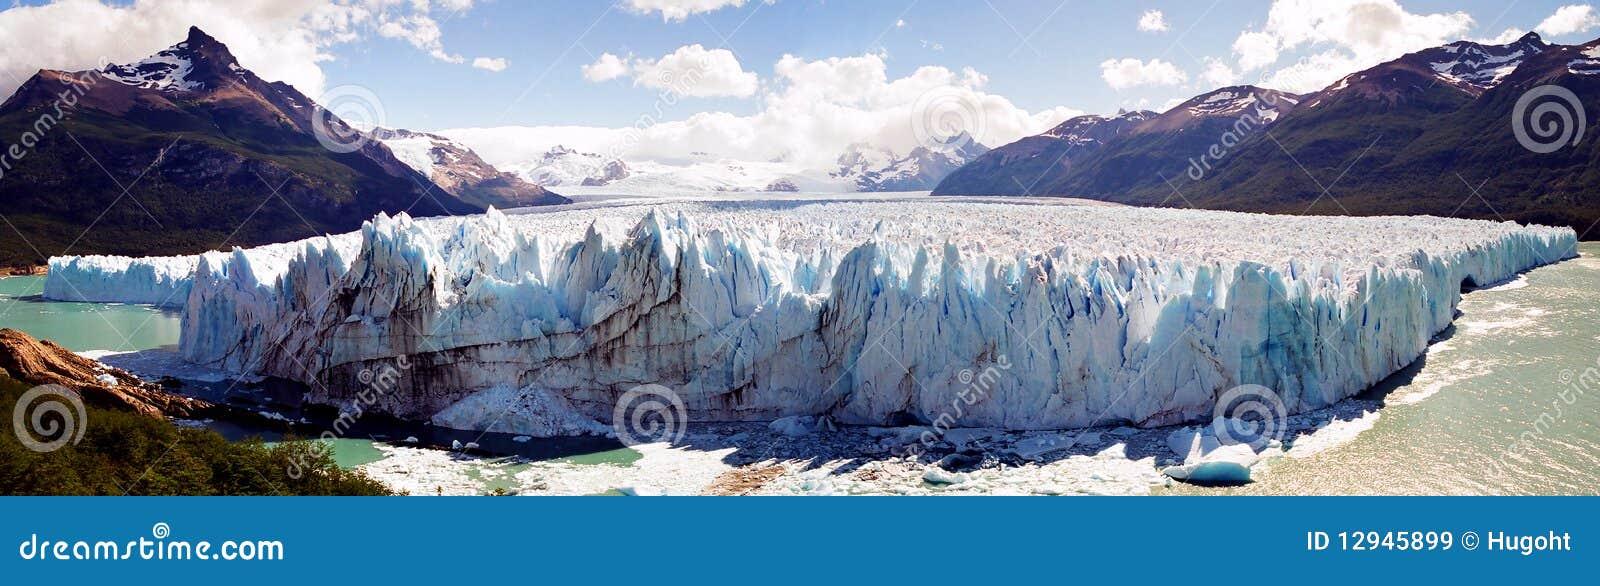 Panorama del glaciar de Perito Moreno